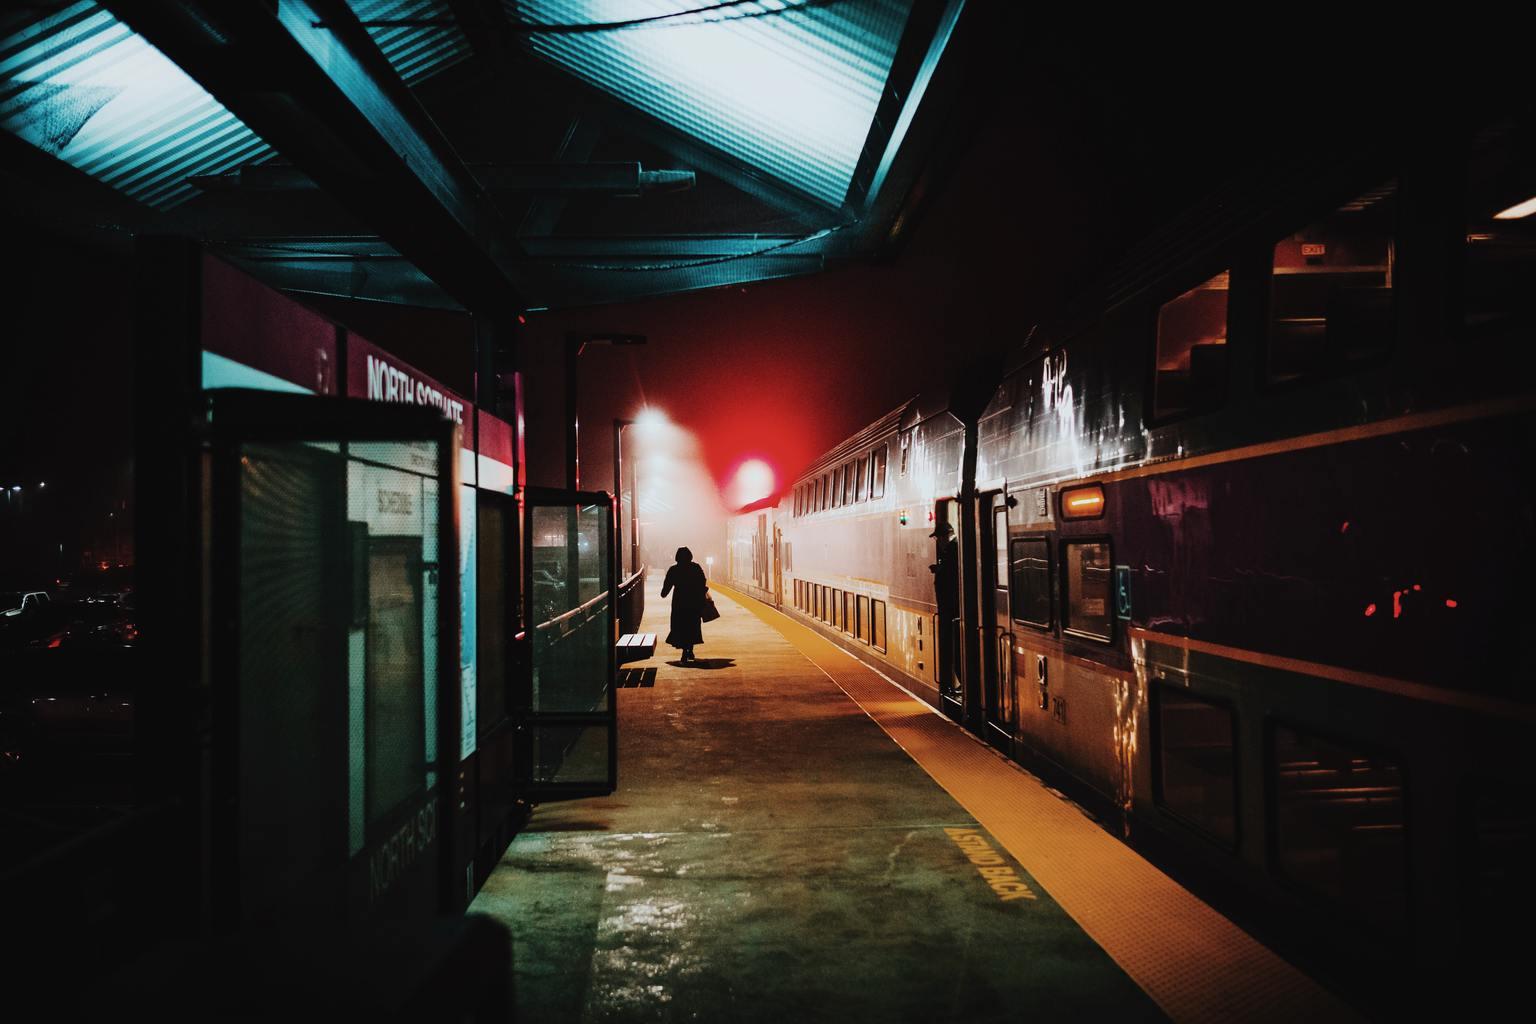 fotografía callejera en una estación